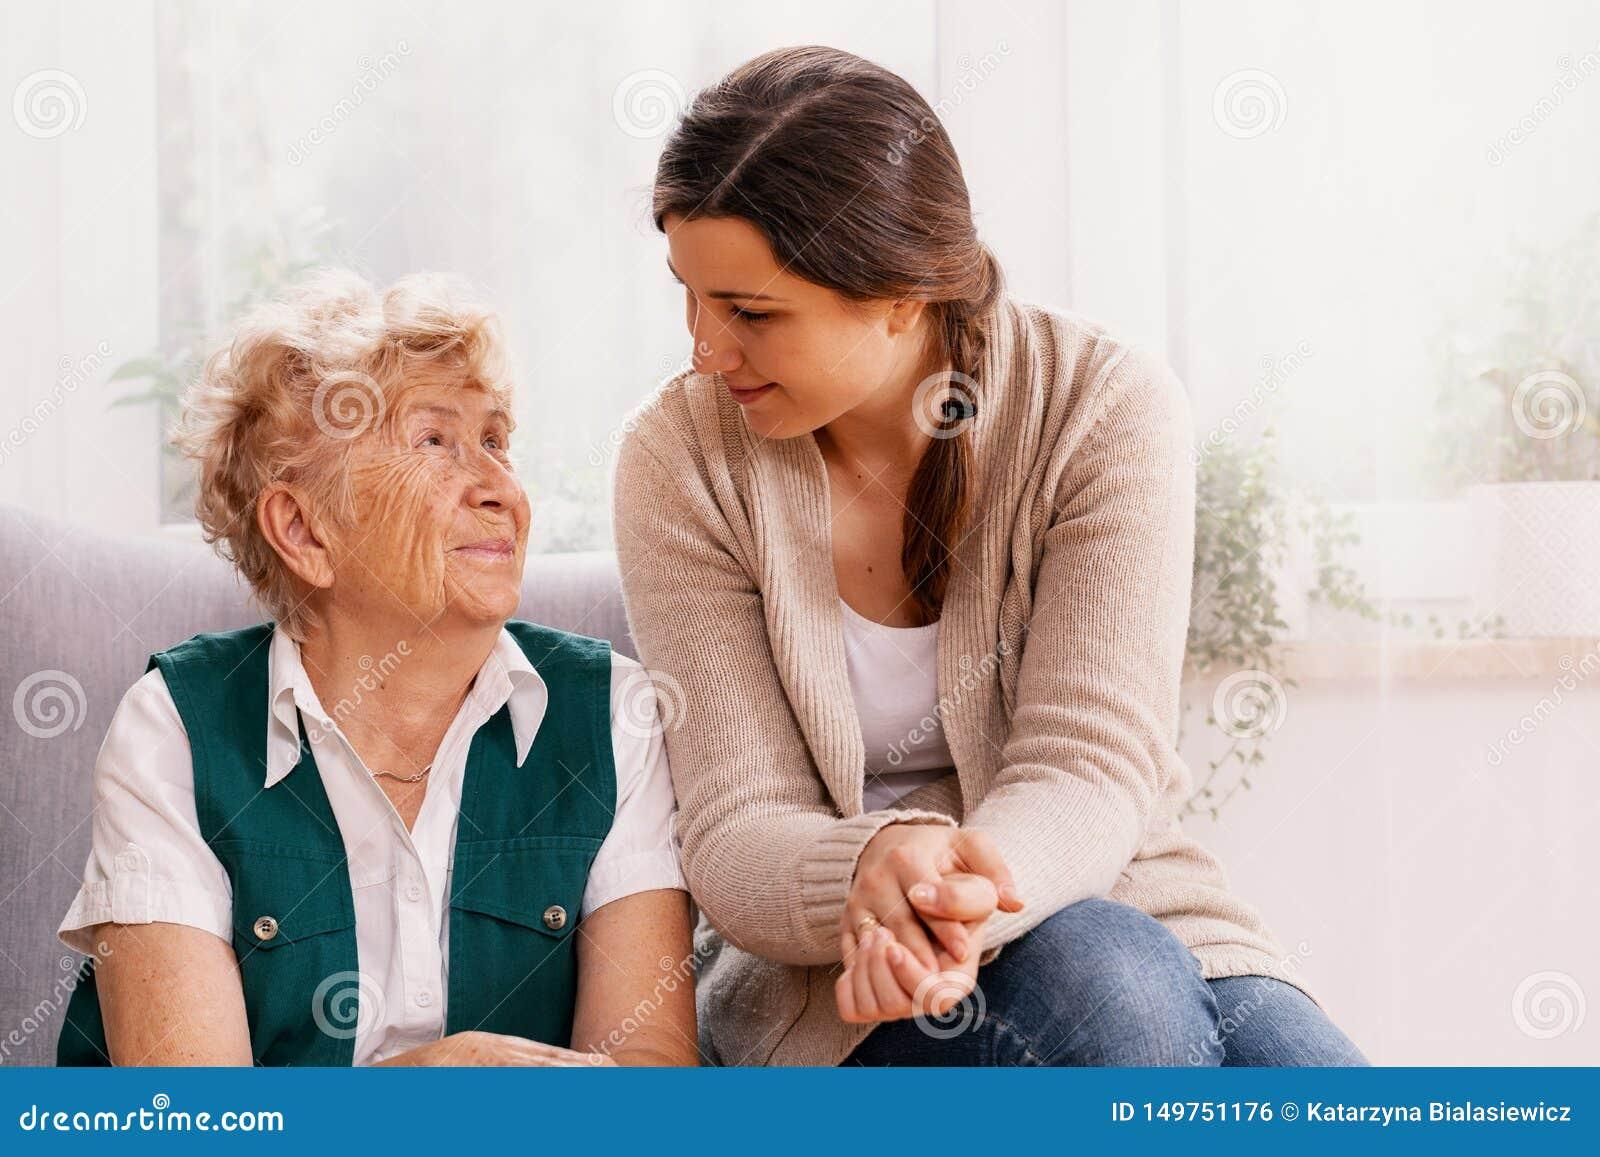 Hög kvinna och hjälpsam volontär på vårdhemmet